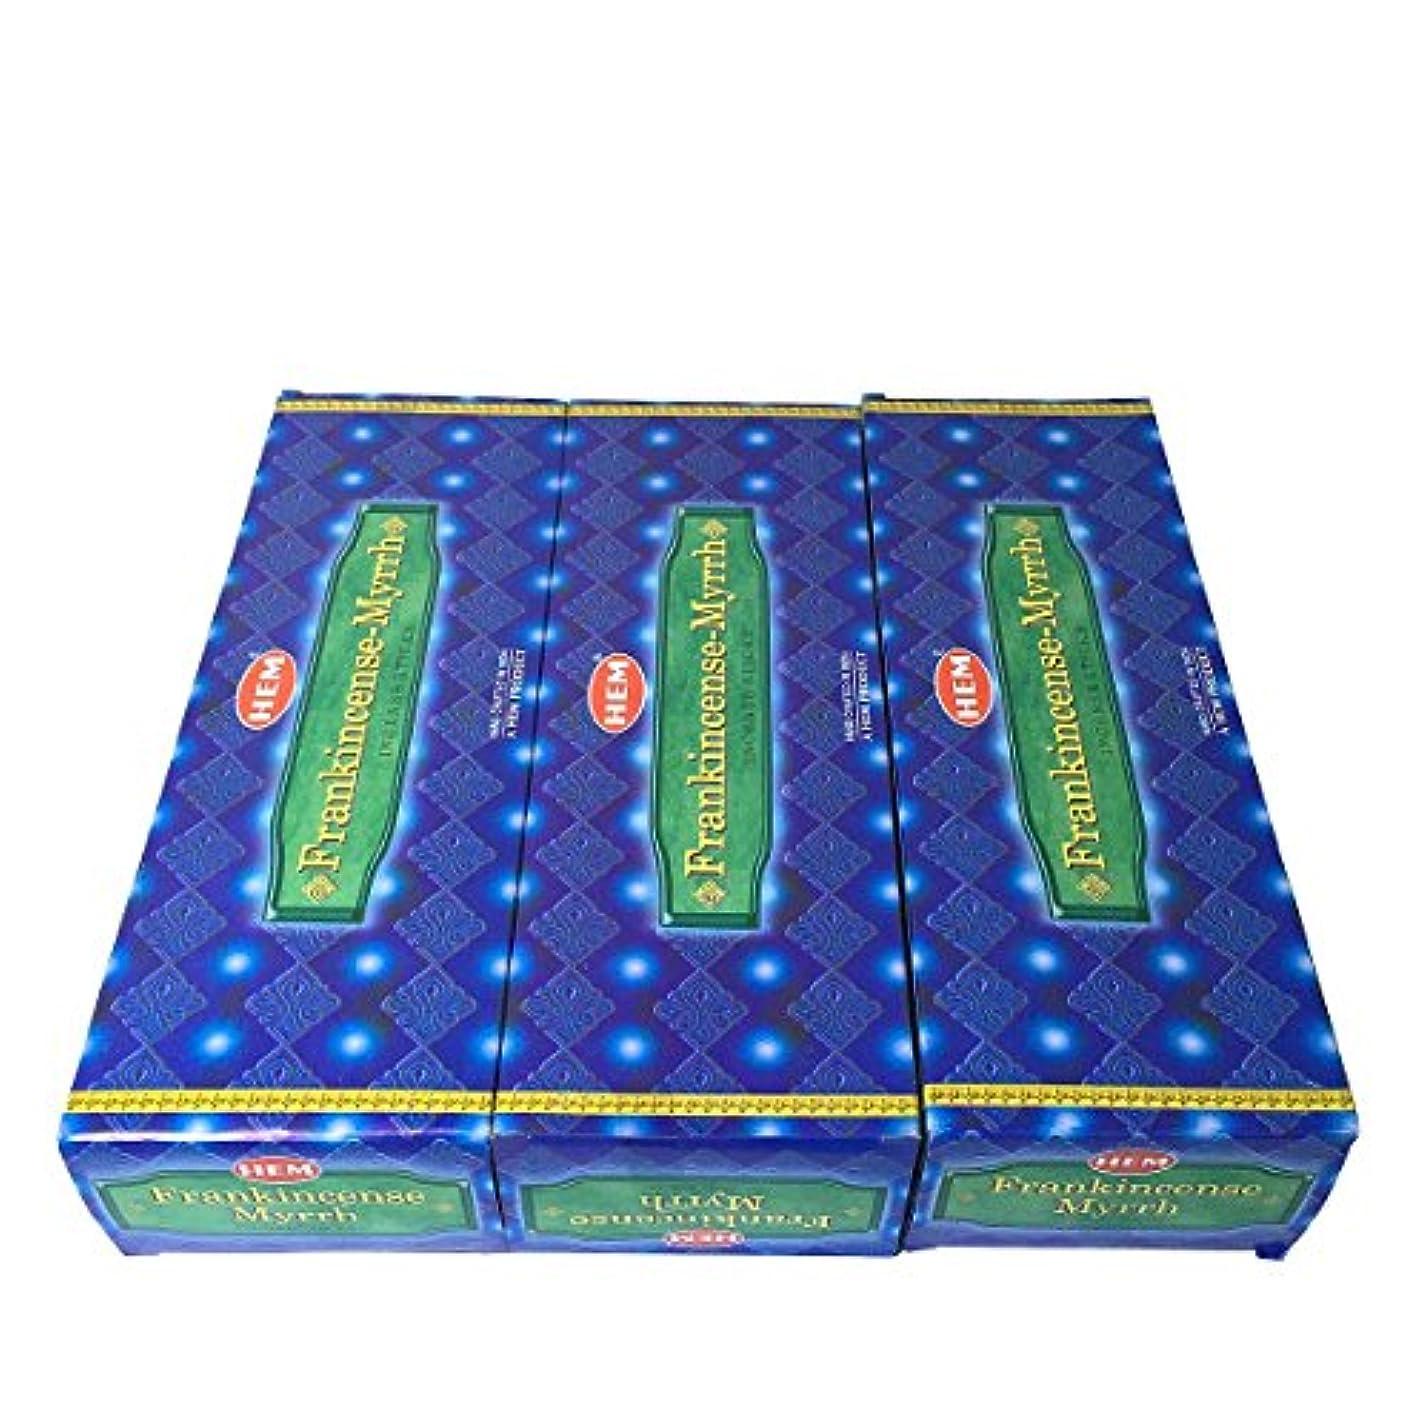 デコードするミンチ不器用フランキンセンス ミルラ香スティック 3BOX(18箱) /HEM FRANKINCENSE MYRRH/インセンス/インド香 お香 [並行輸入品]